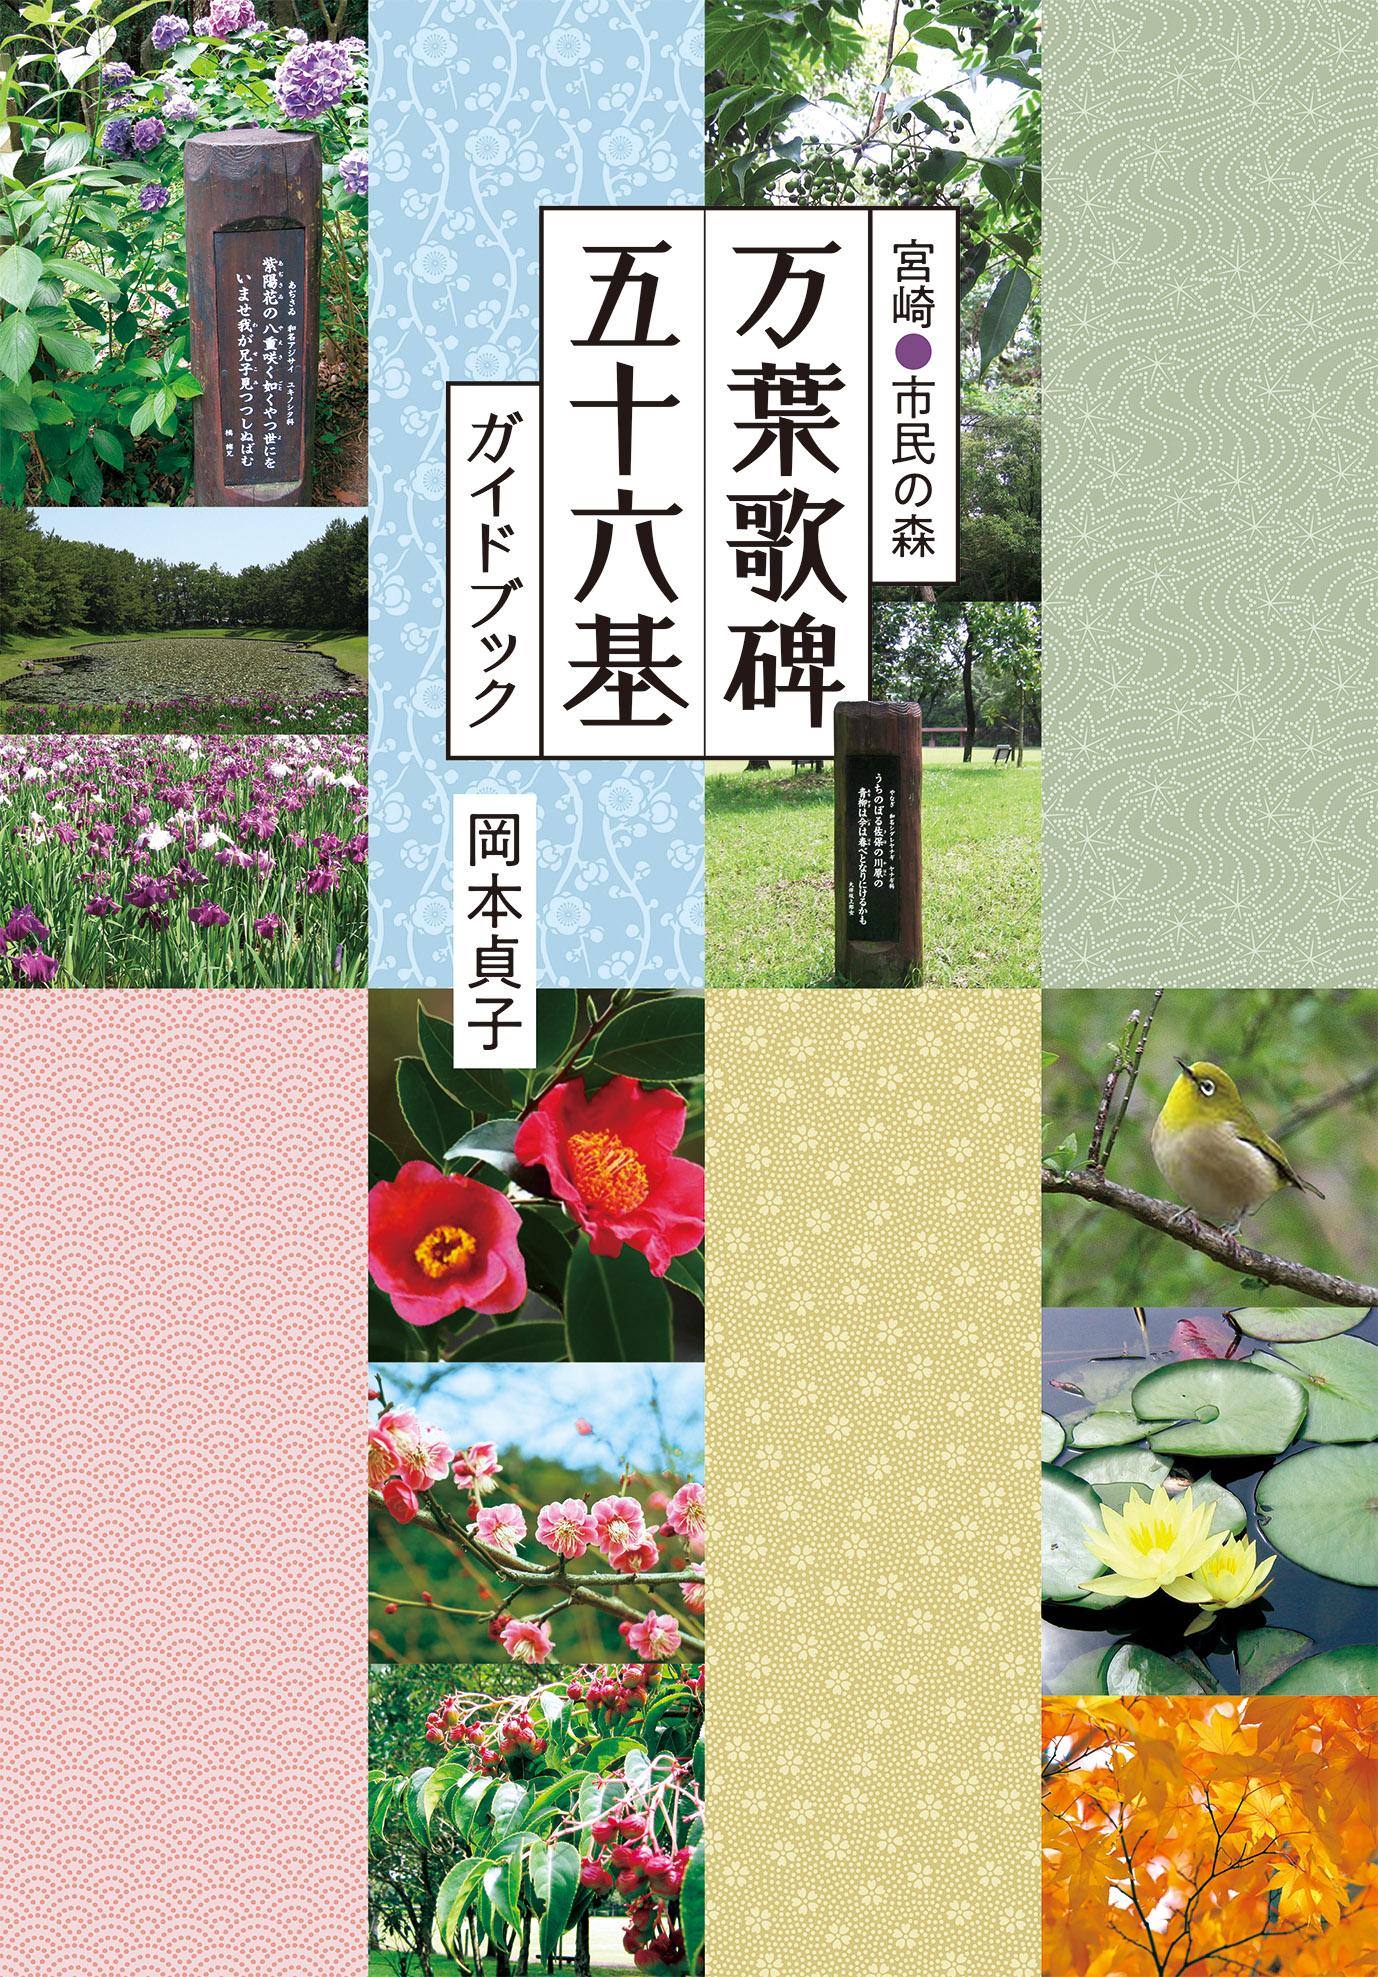 宮崎市民の森 万葉歌碑五十六基ガイドブック